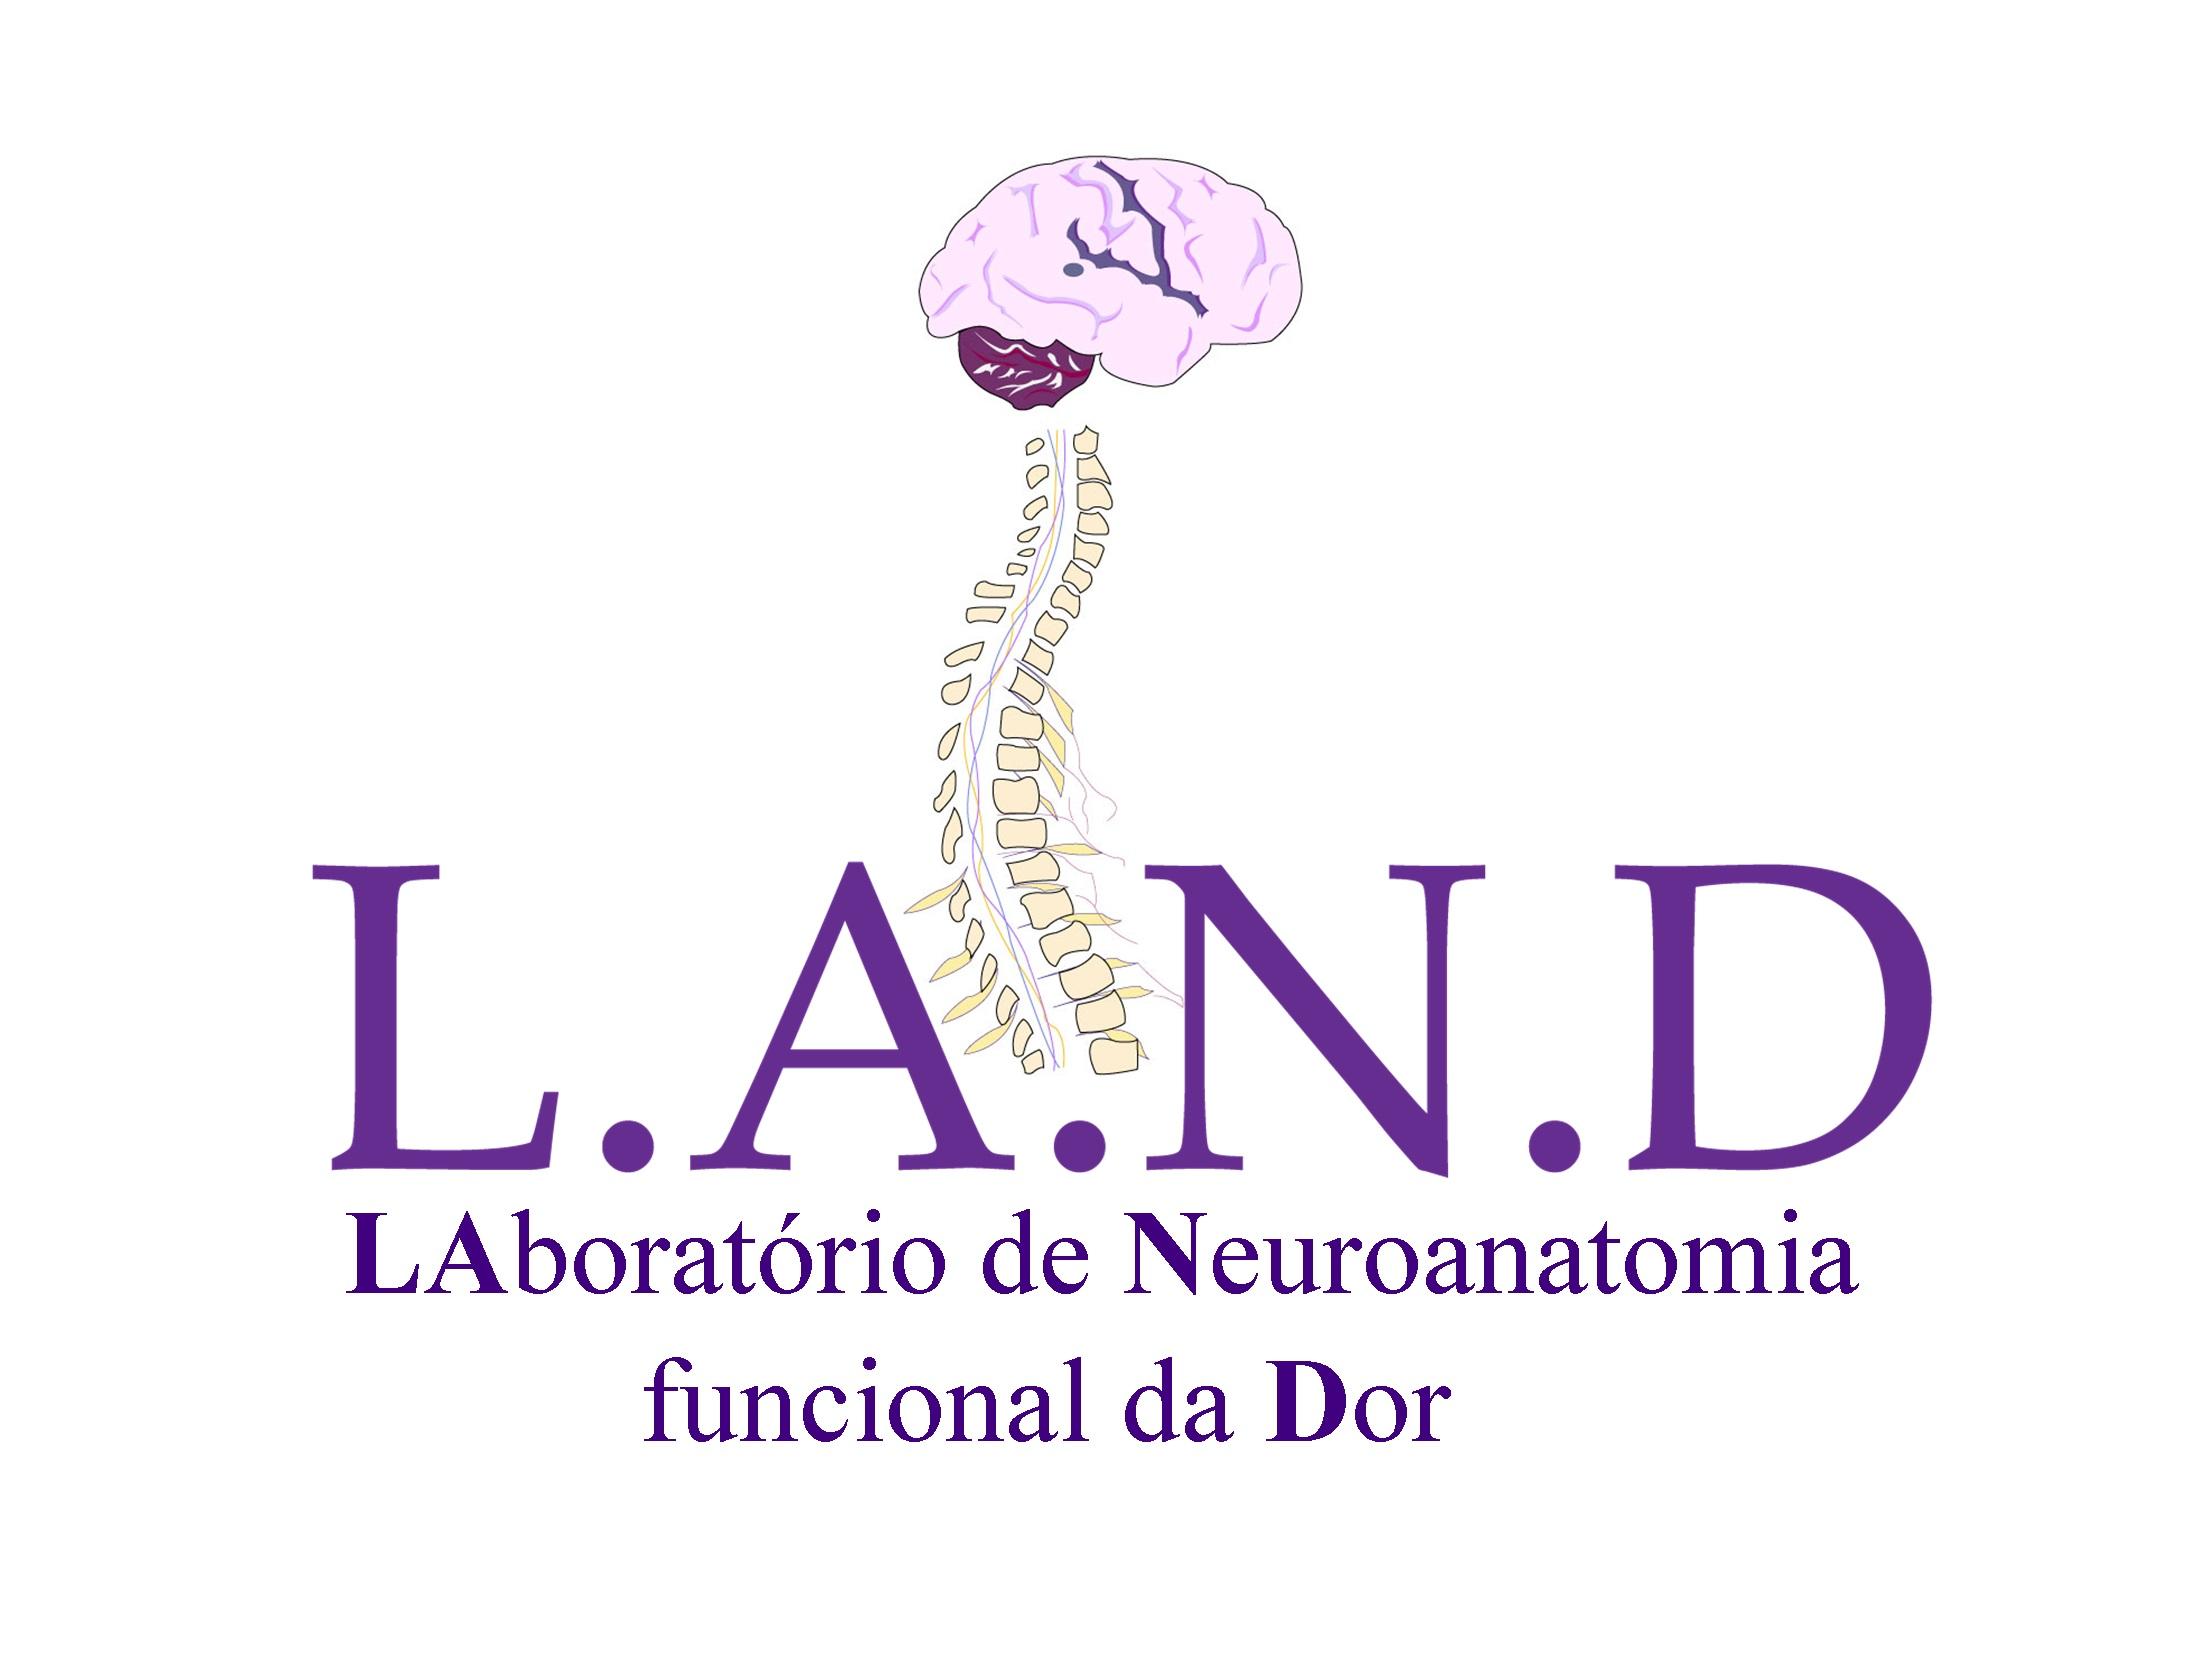 Laboratório de Neuroanatomia Funcional da Dor